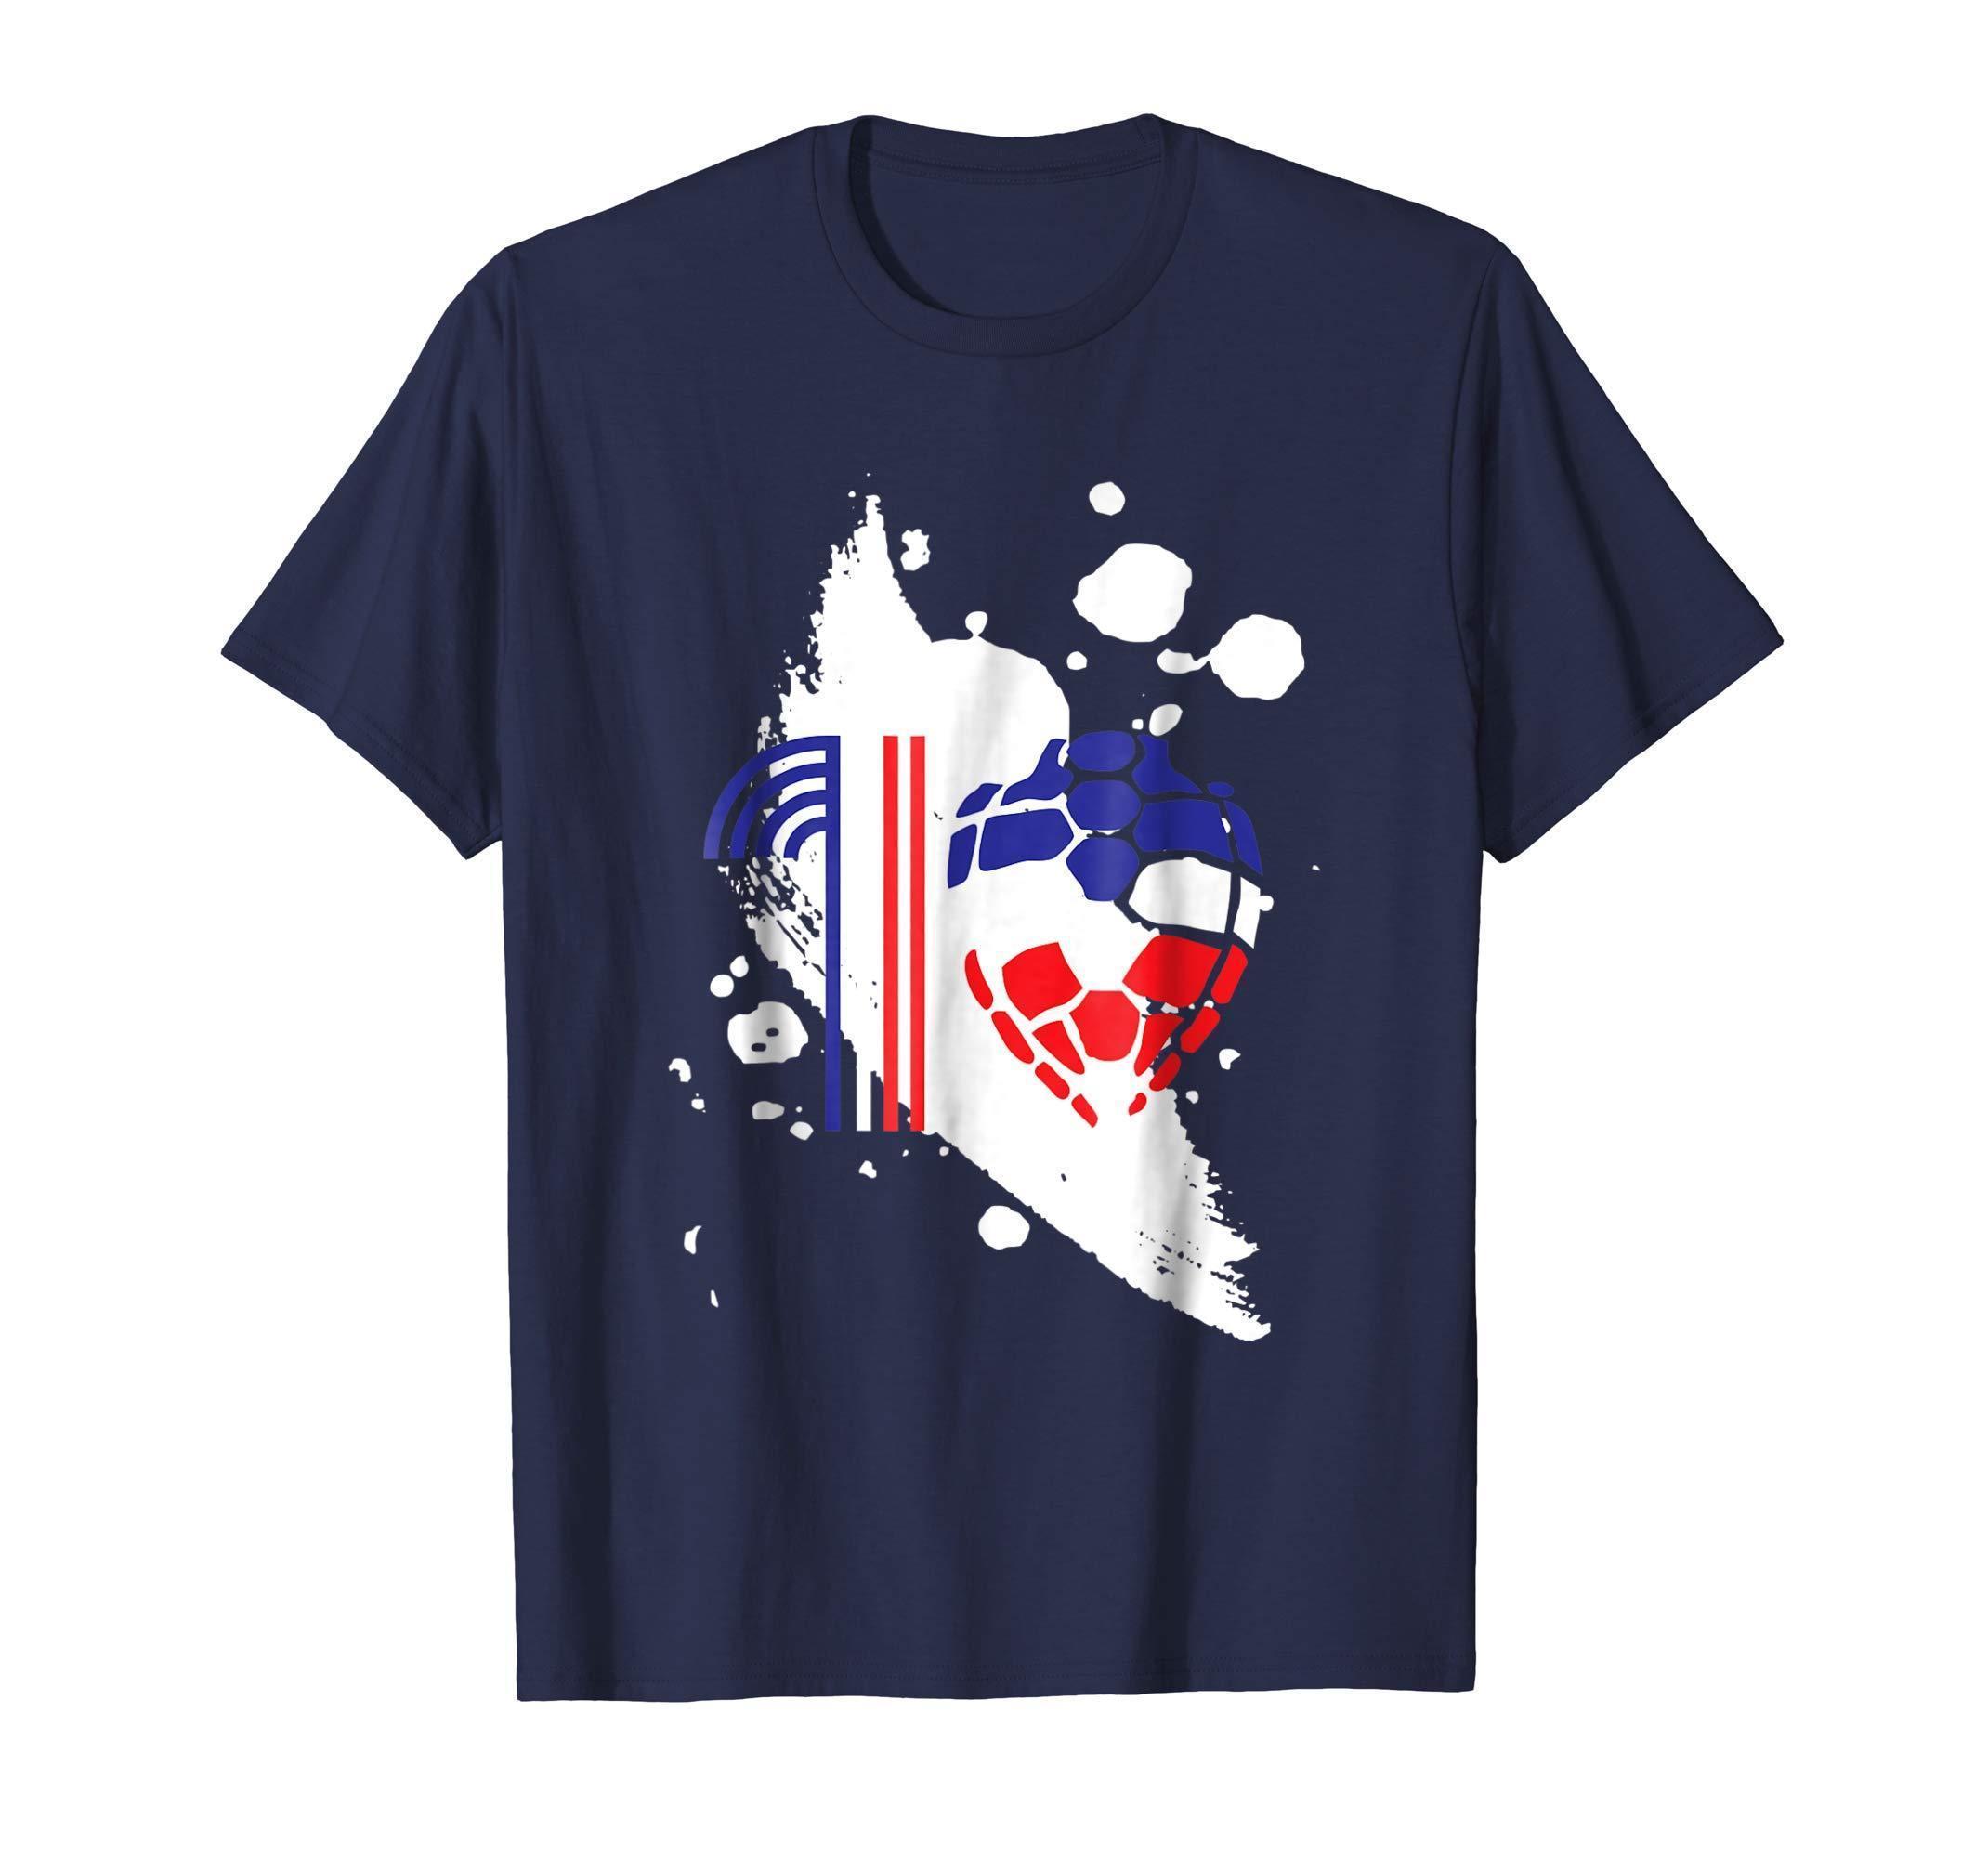 Mbappe 10 Tshirt